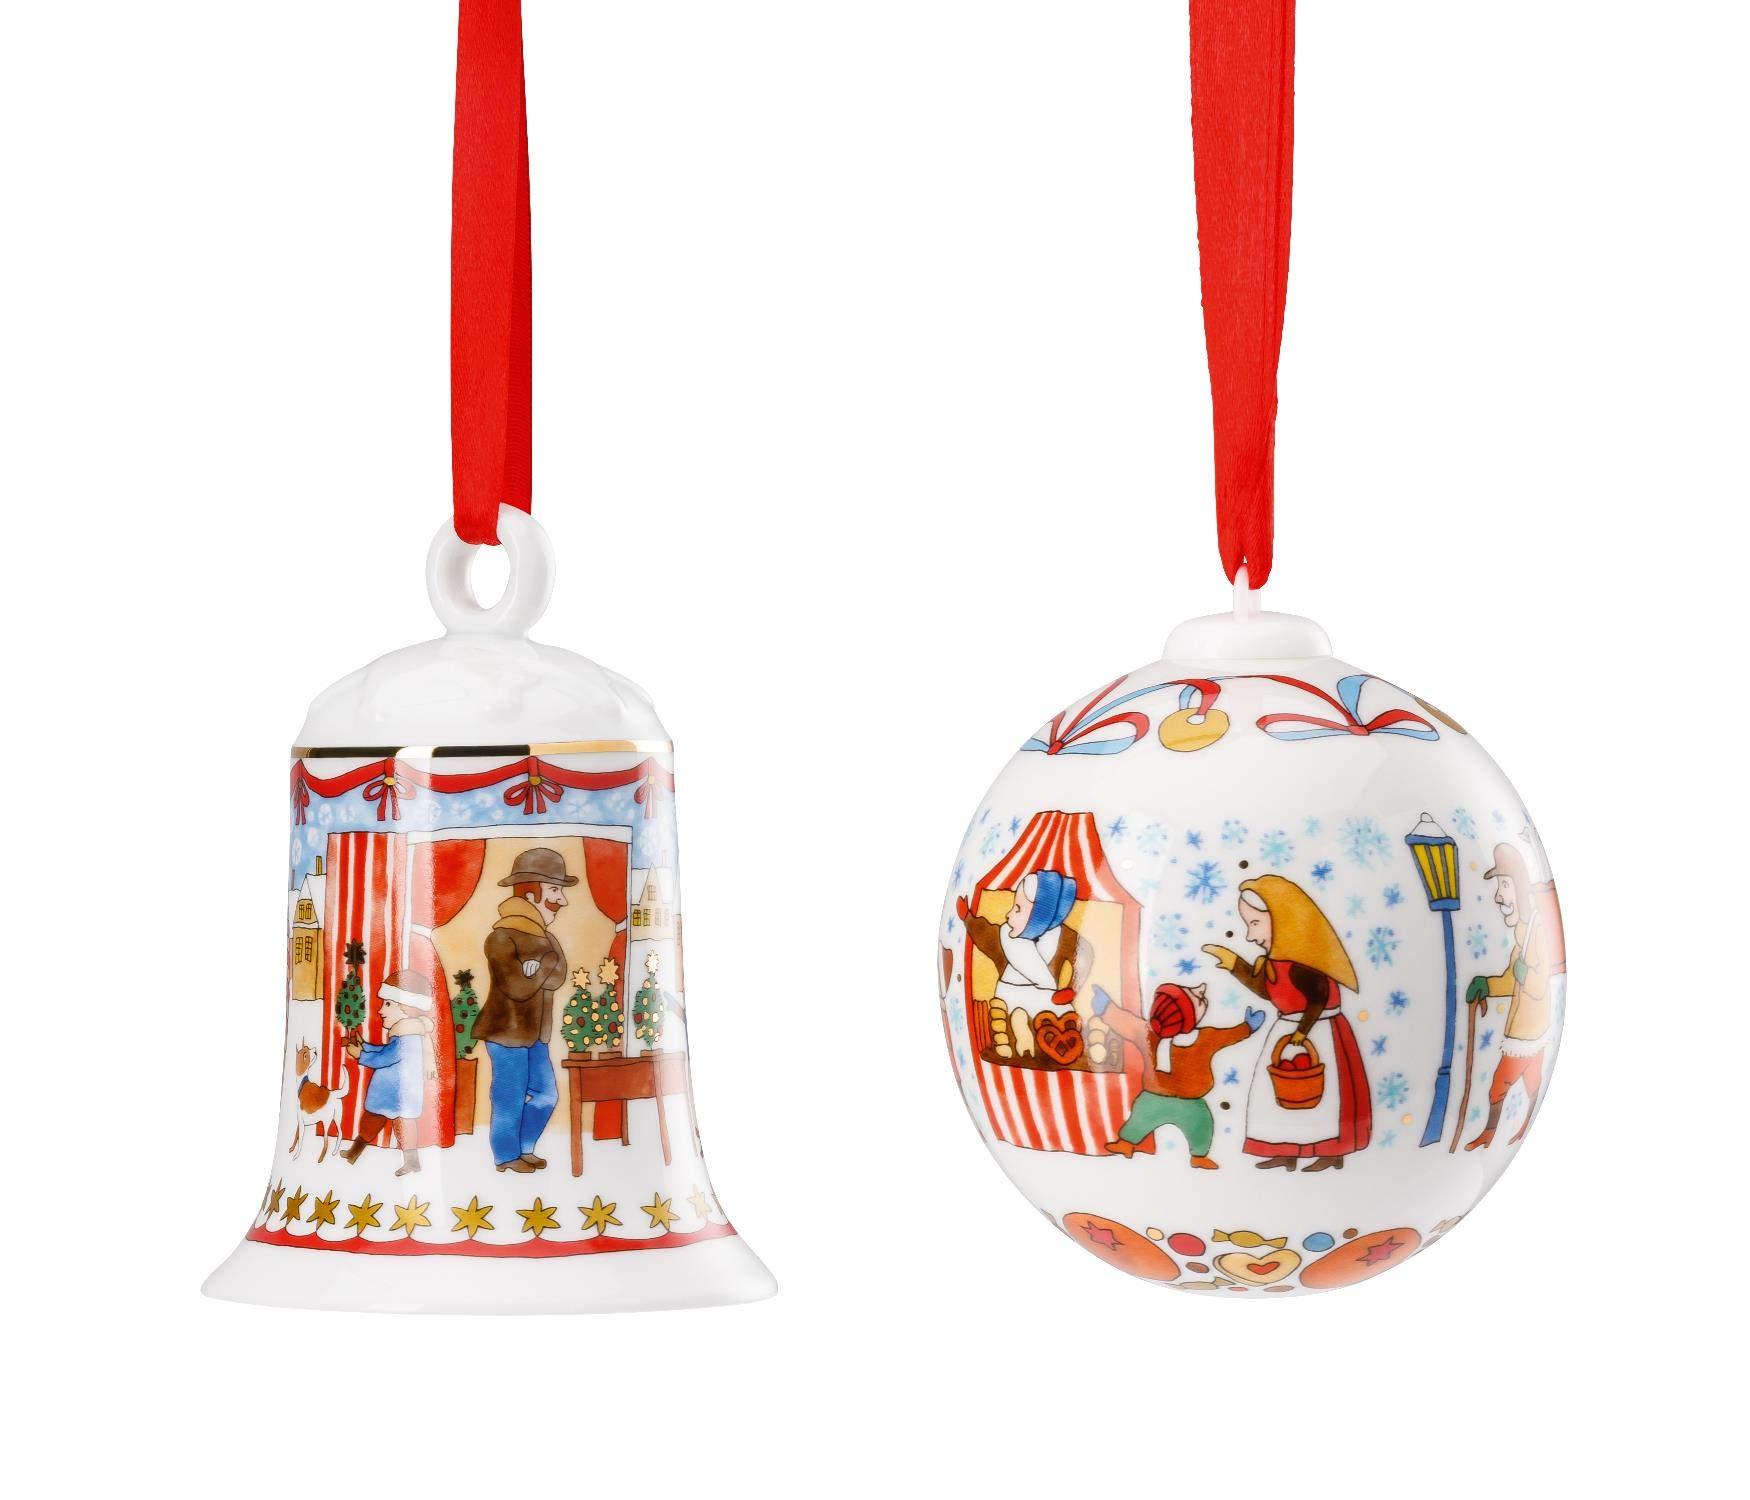 Hutschenreuther-2019-Porzellan-Glocke-Kugel-2019-Motiv-Weihnachtsmarkt-in-Originalverpackung-OVP